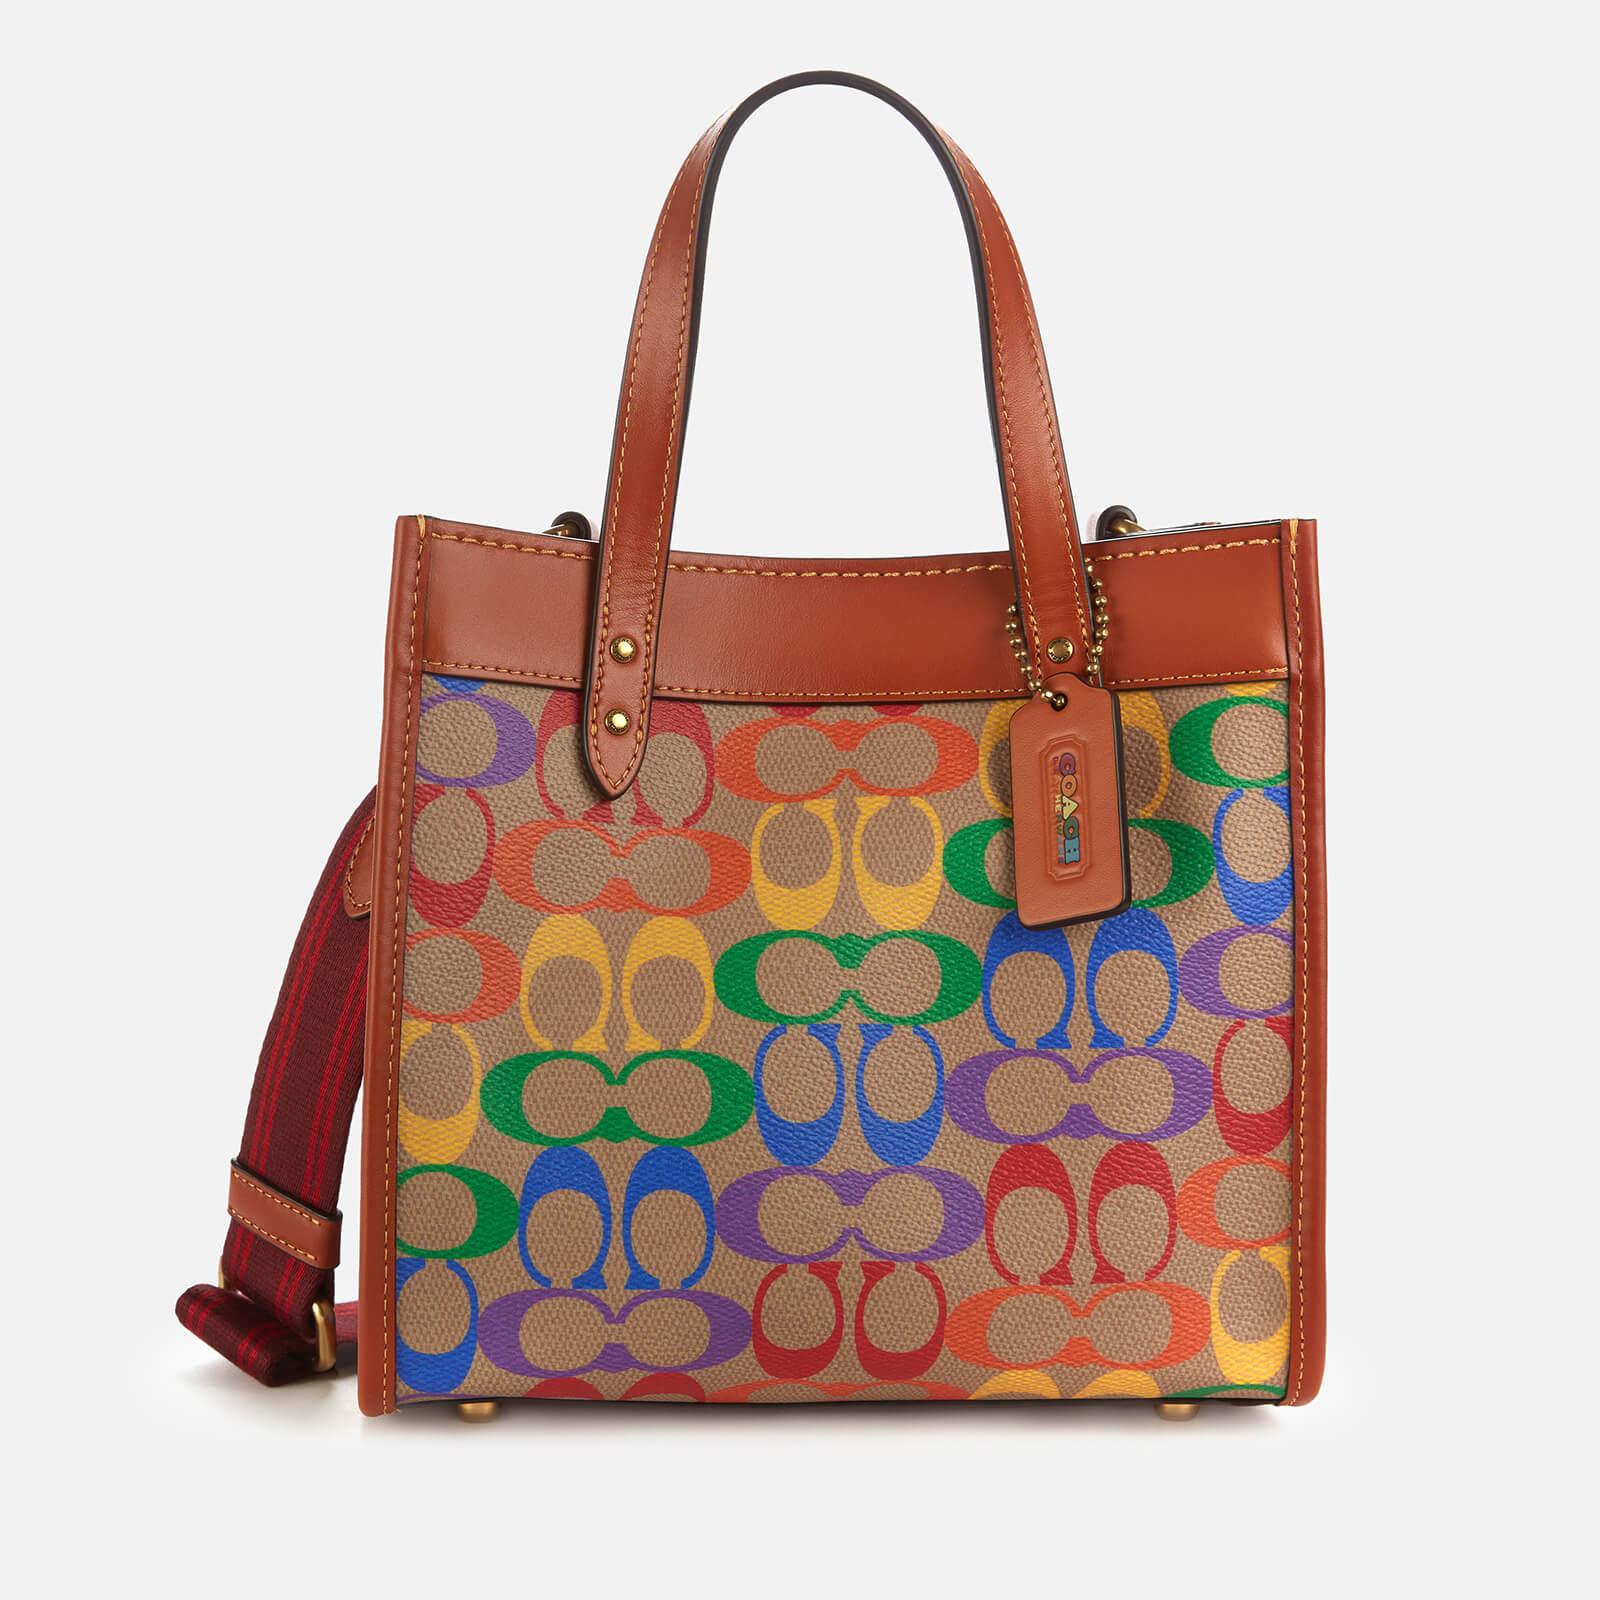 Coach Women's Pride Signature Field Tote Bag 22 - Multi